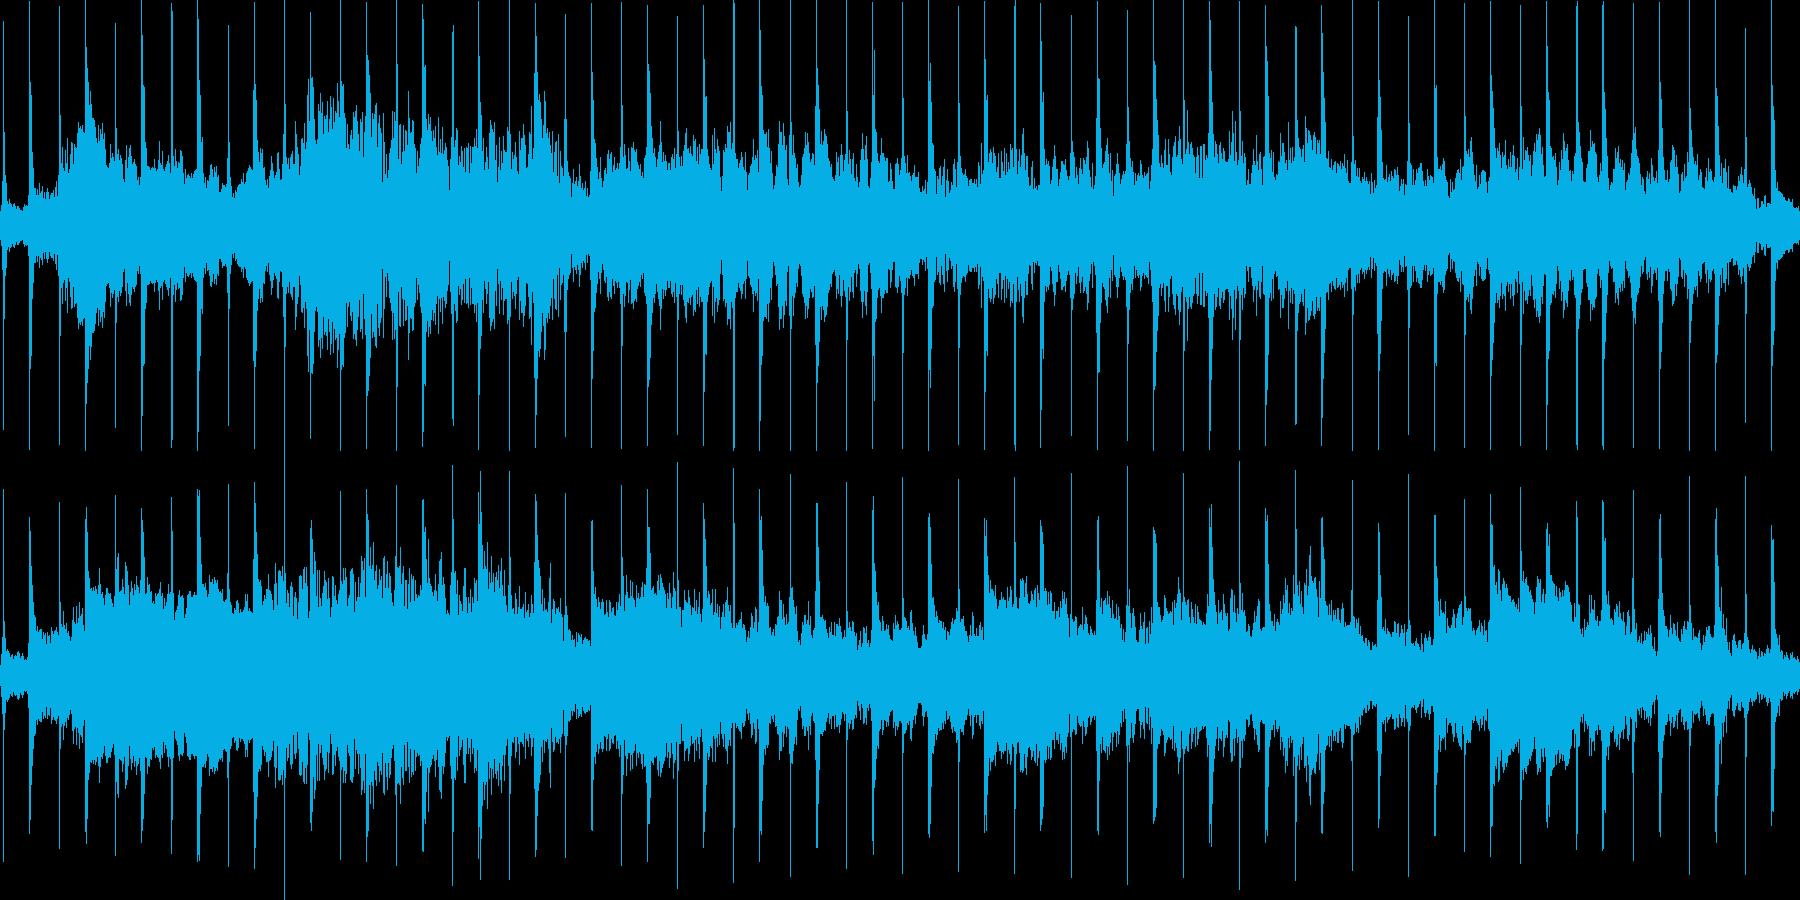 時計とリコーダーの不安定なループ用楽曲の再生済みの波形